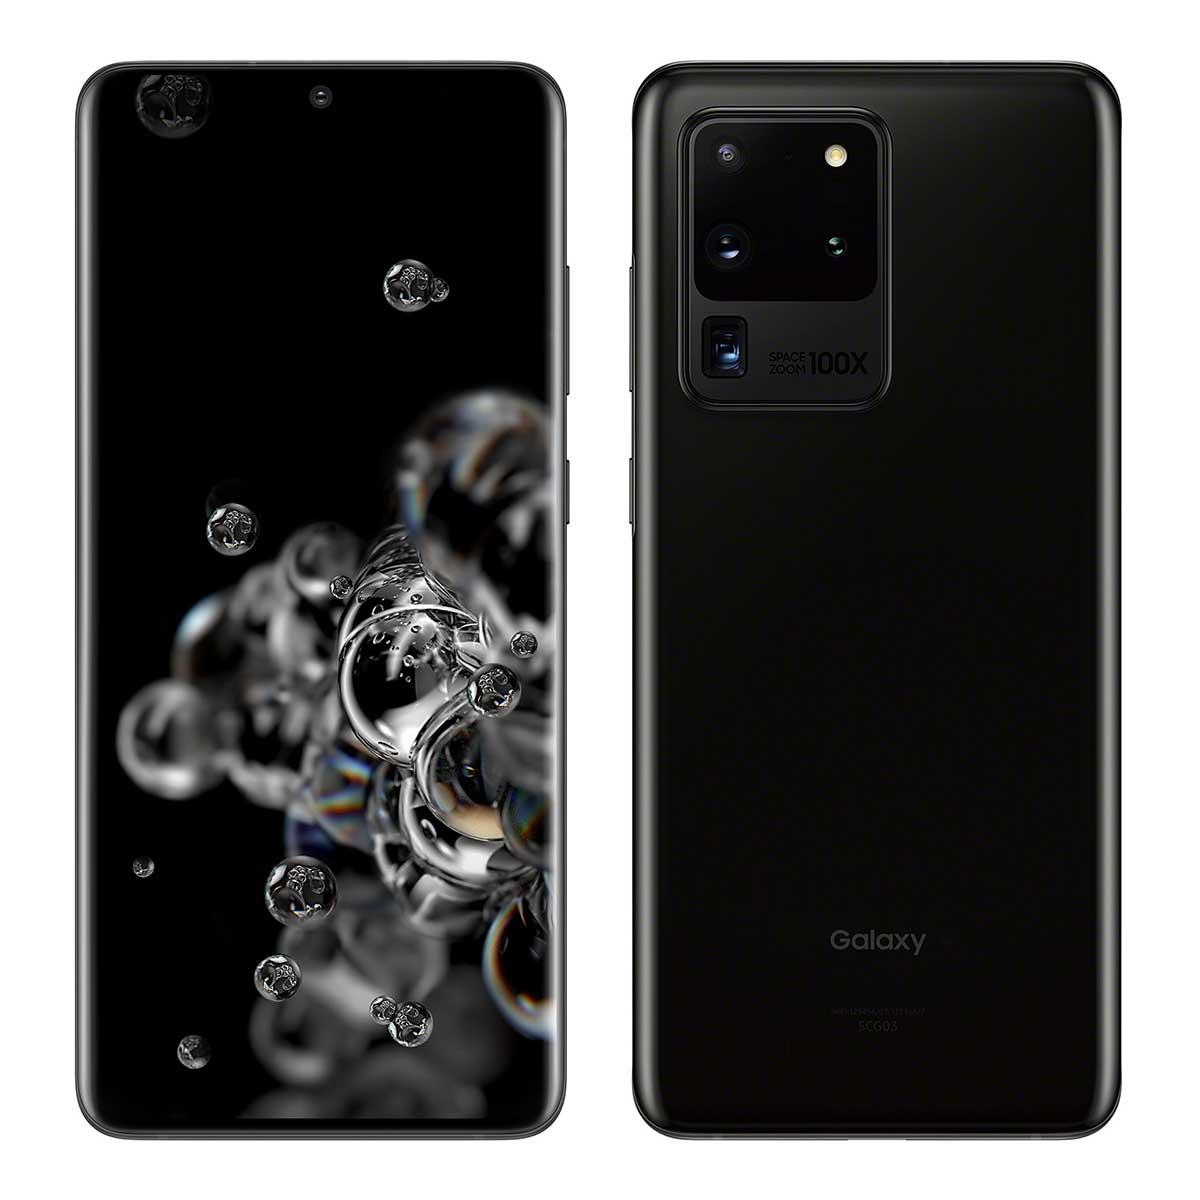 【今週発売の注目製品】auから、1億800万画素の5Gスマホ「Glaxy S20 Ultra 5G」が登場